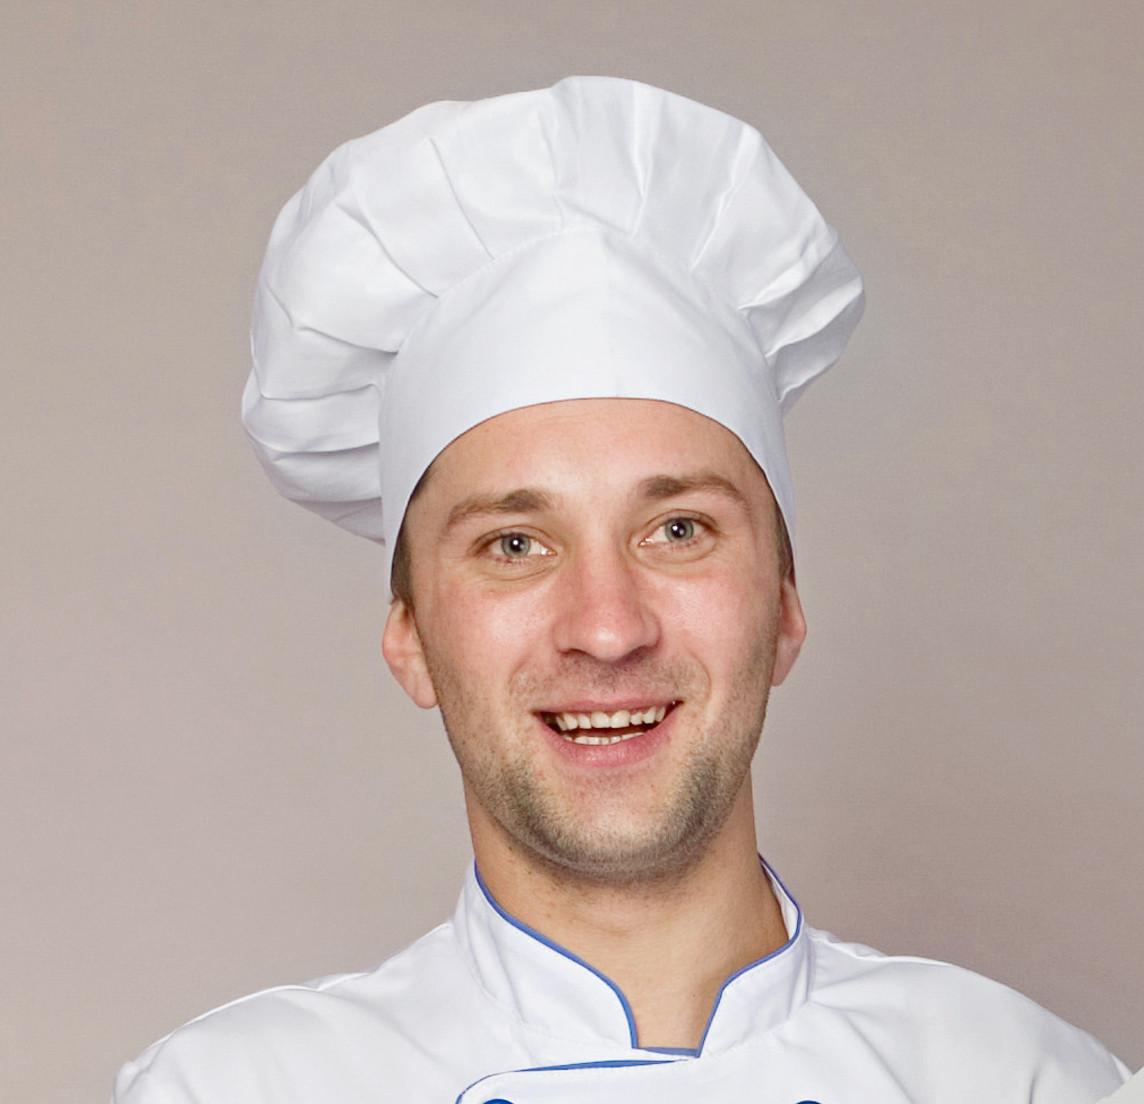 Мужская шапка повара белого цвета